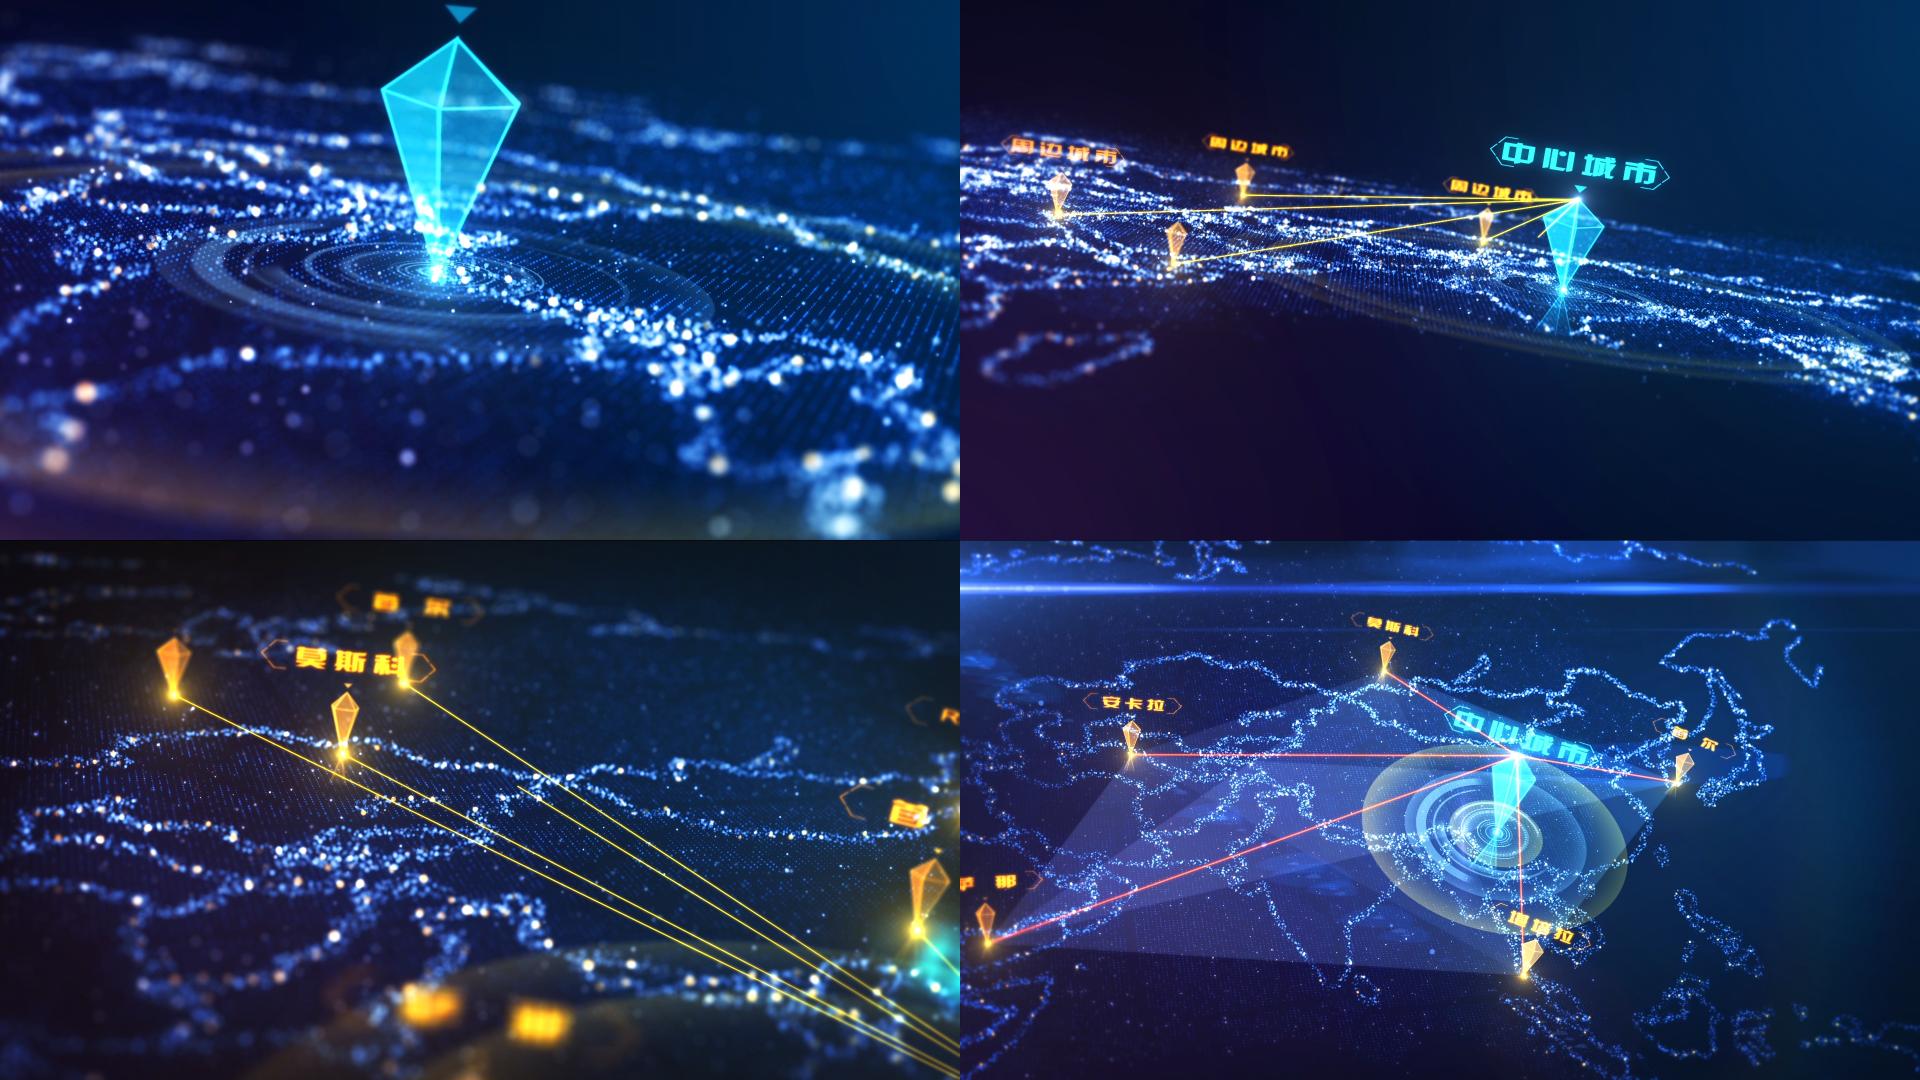 蓝色科技房地产路网地图区位